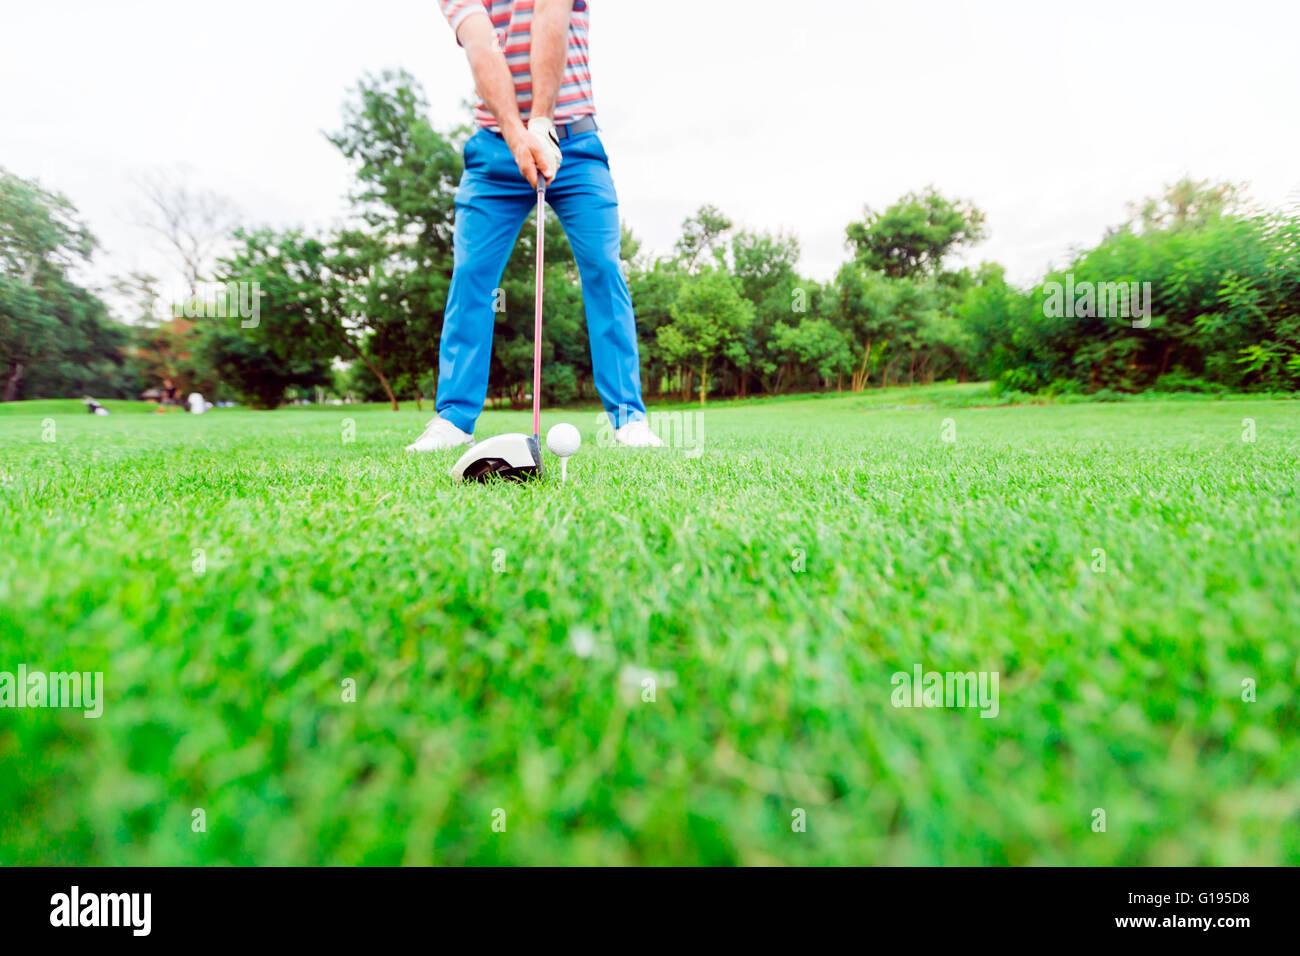 Il Golfer tenetevi pronti a prendere un colpo. Ampio angolo di foto Immagini Stock